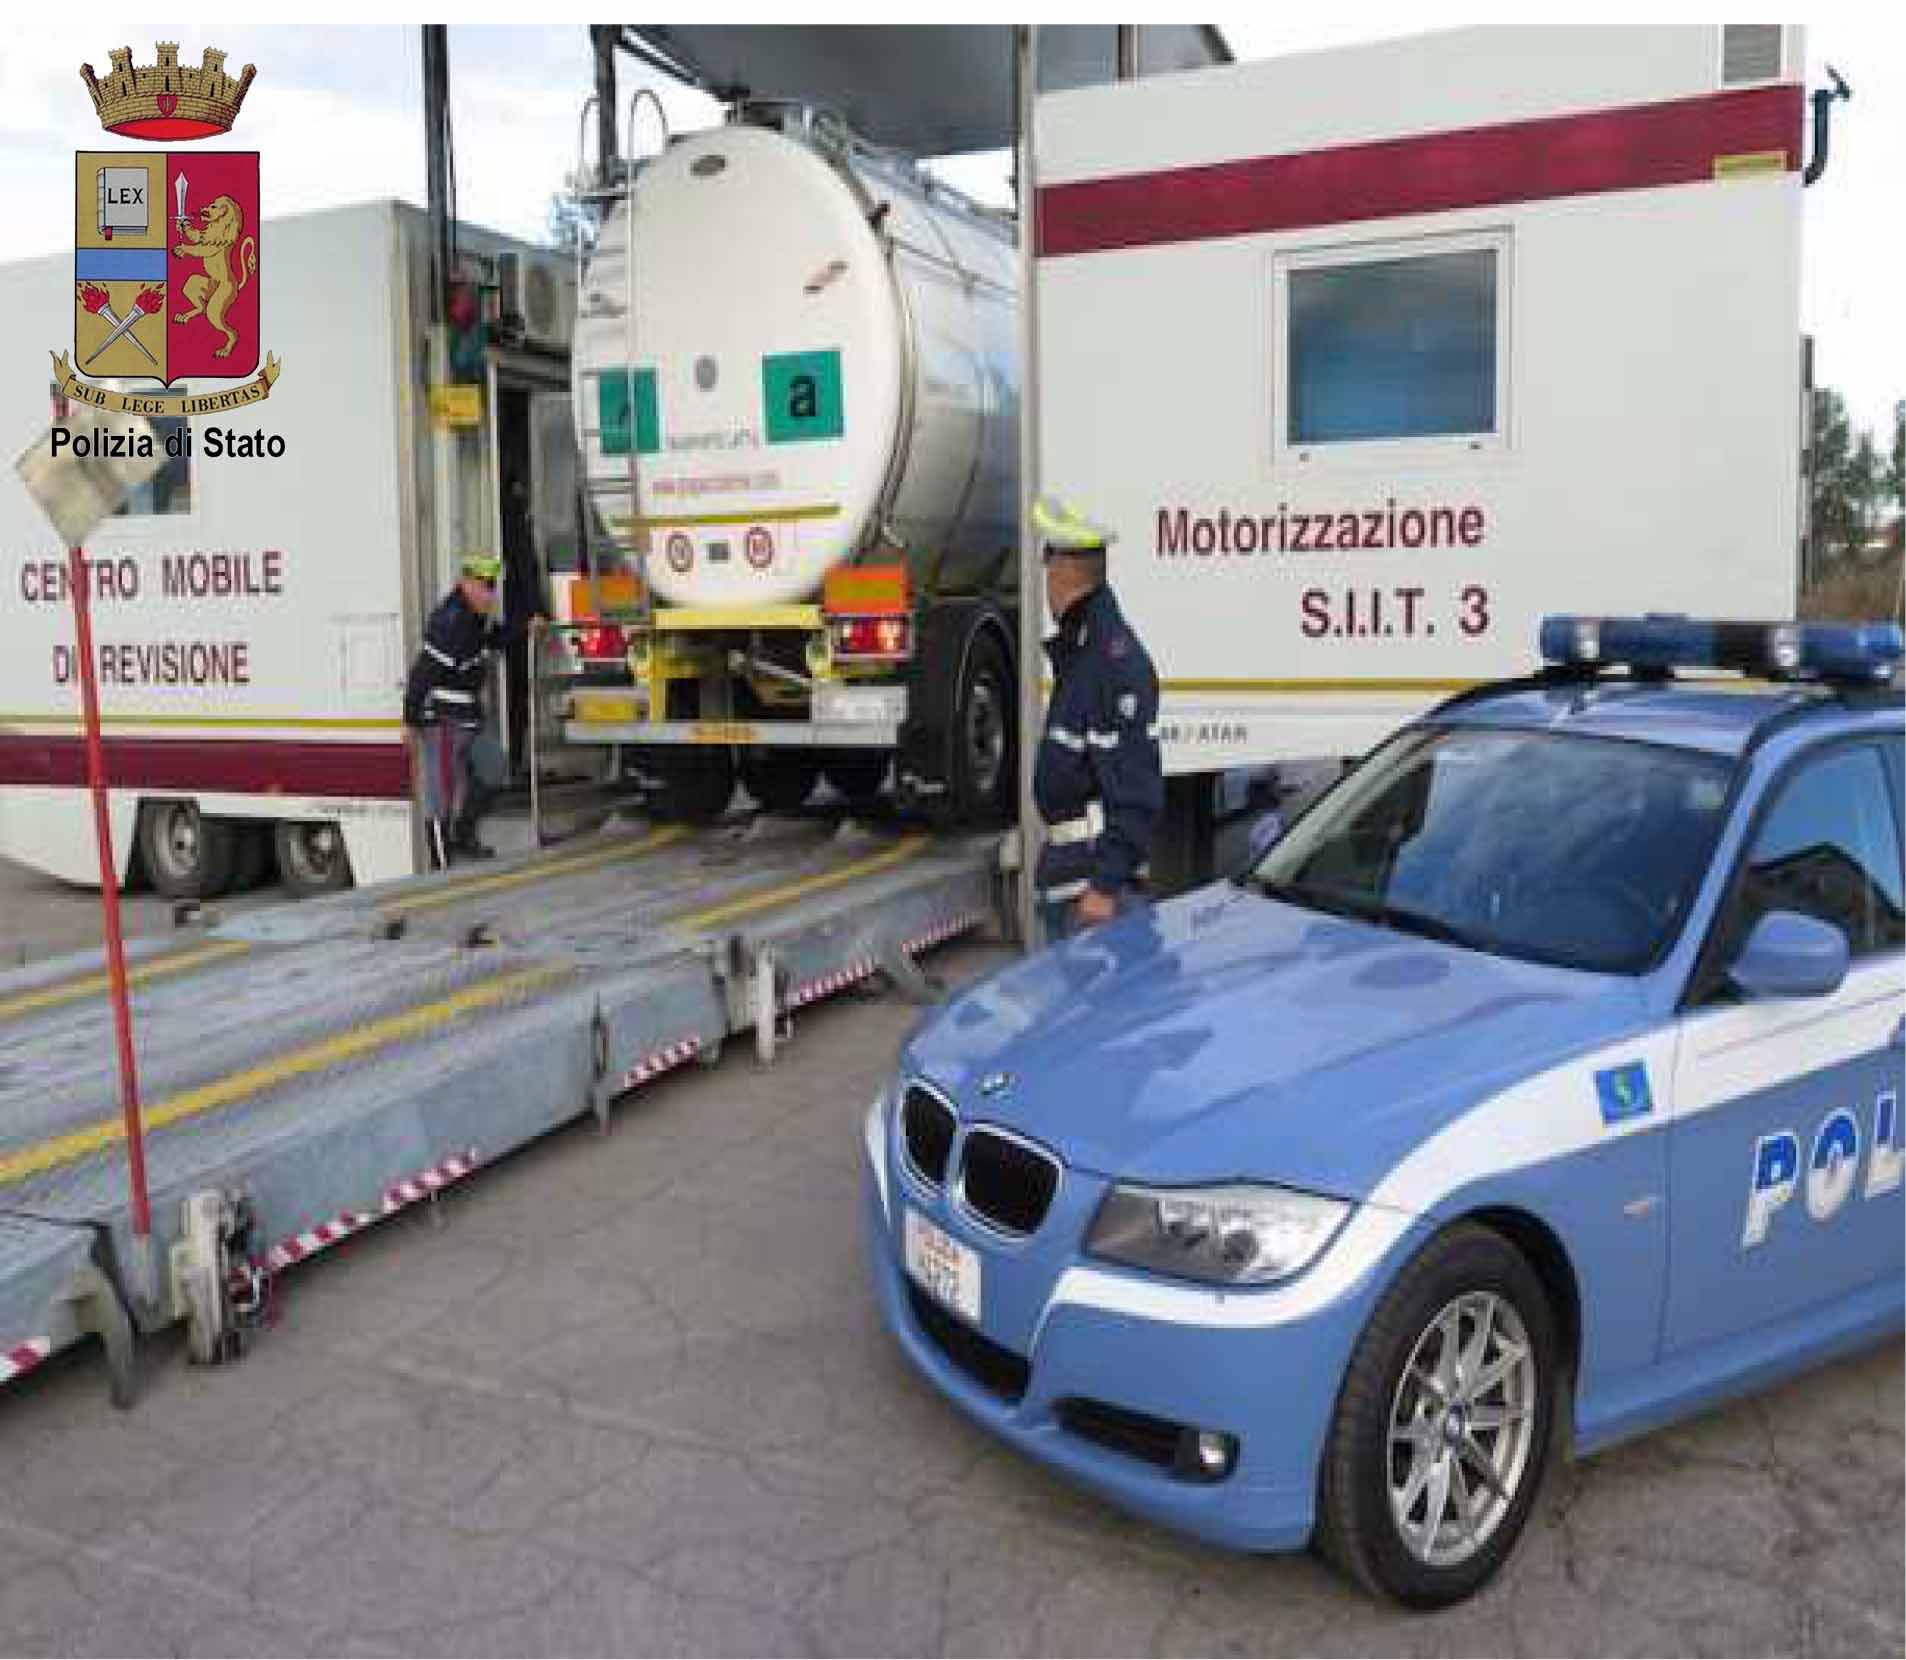 lo-trovano-con-135-mila-euro-in-contanti-nell'area-di-servizio-di-cosenza-nord:-sequestrato-denaro-a-un-camionista-residente-a-reggio-calabria